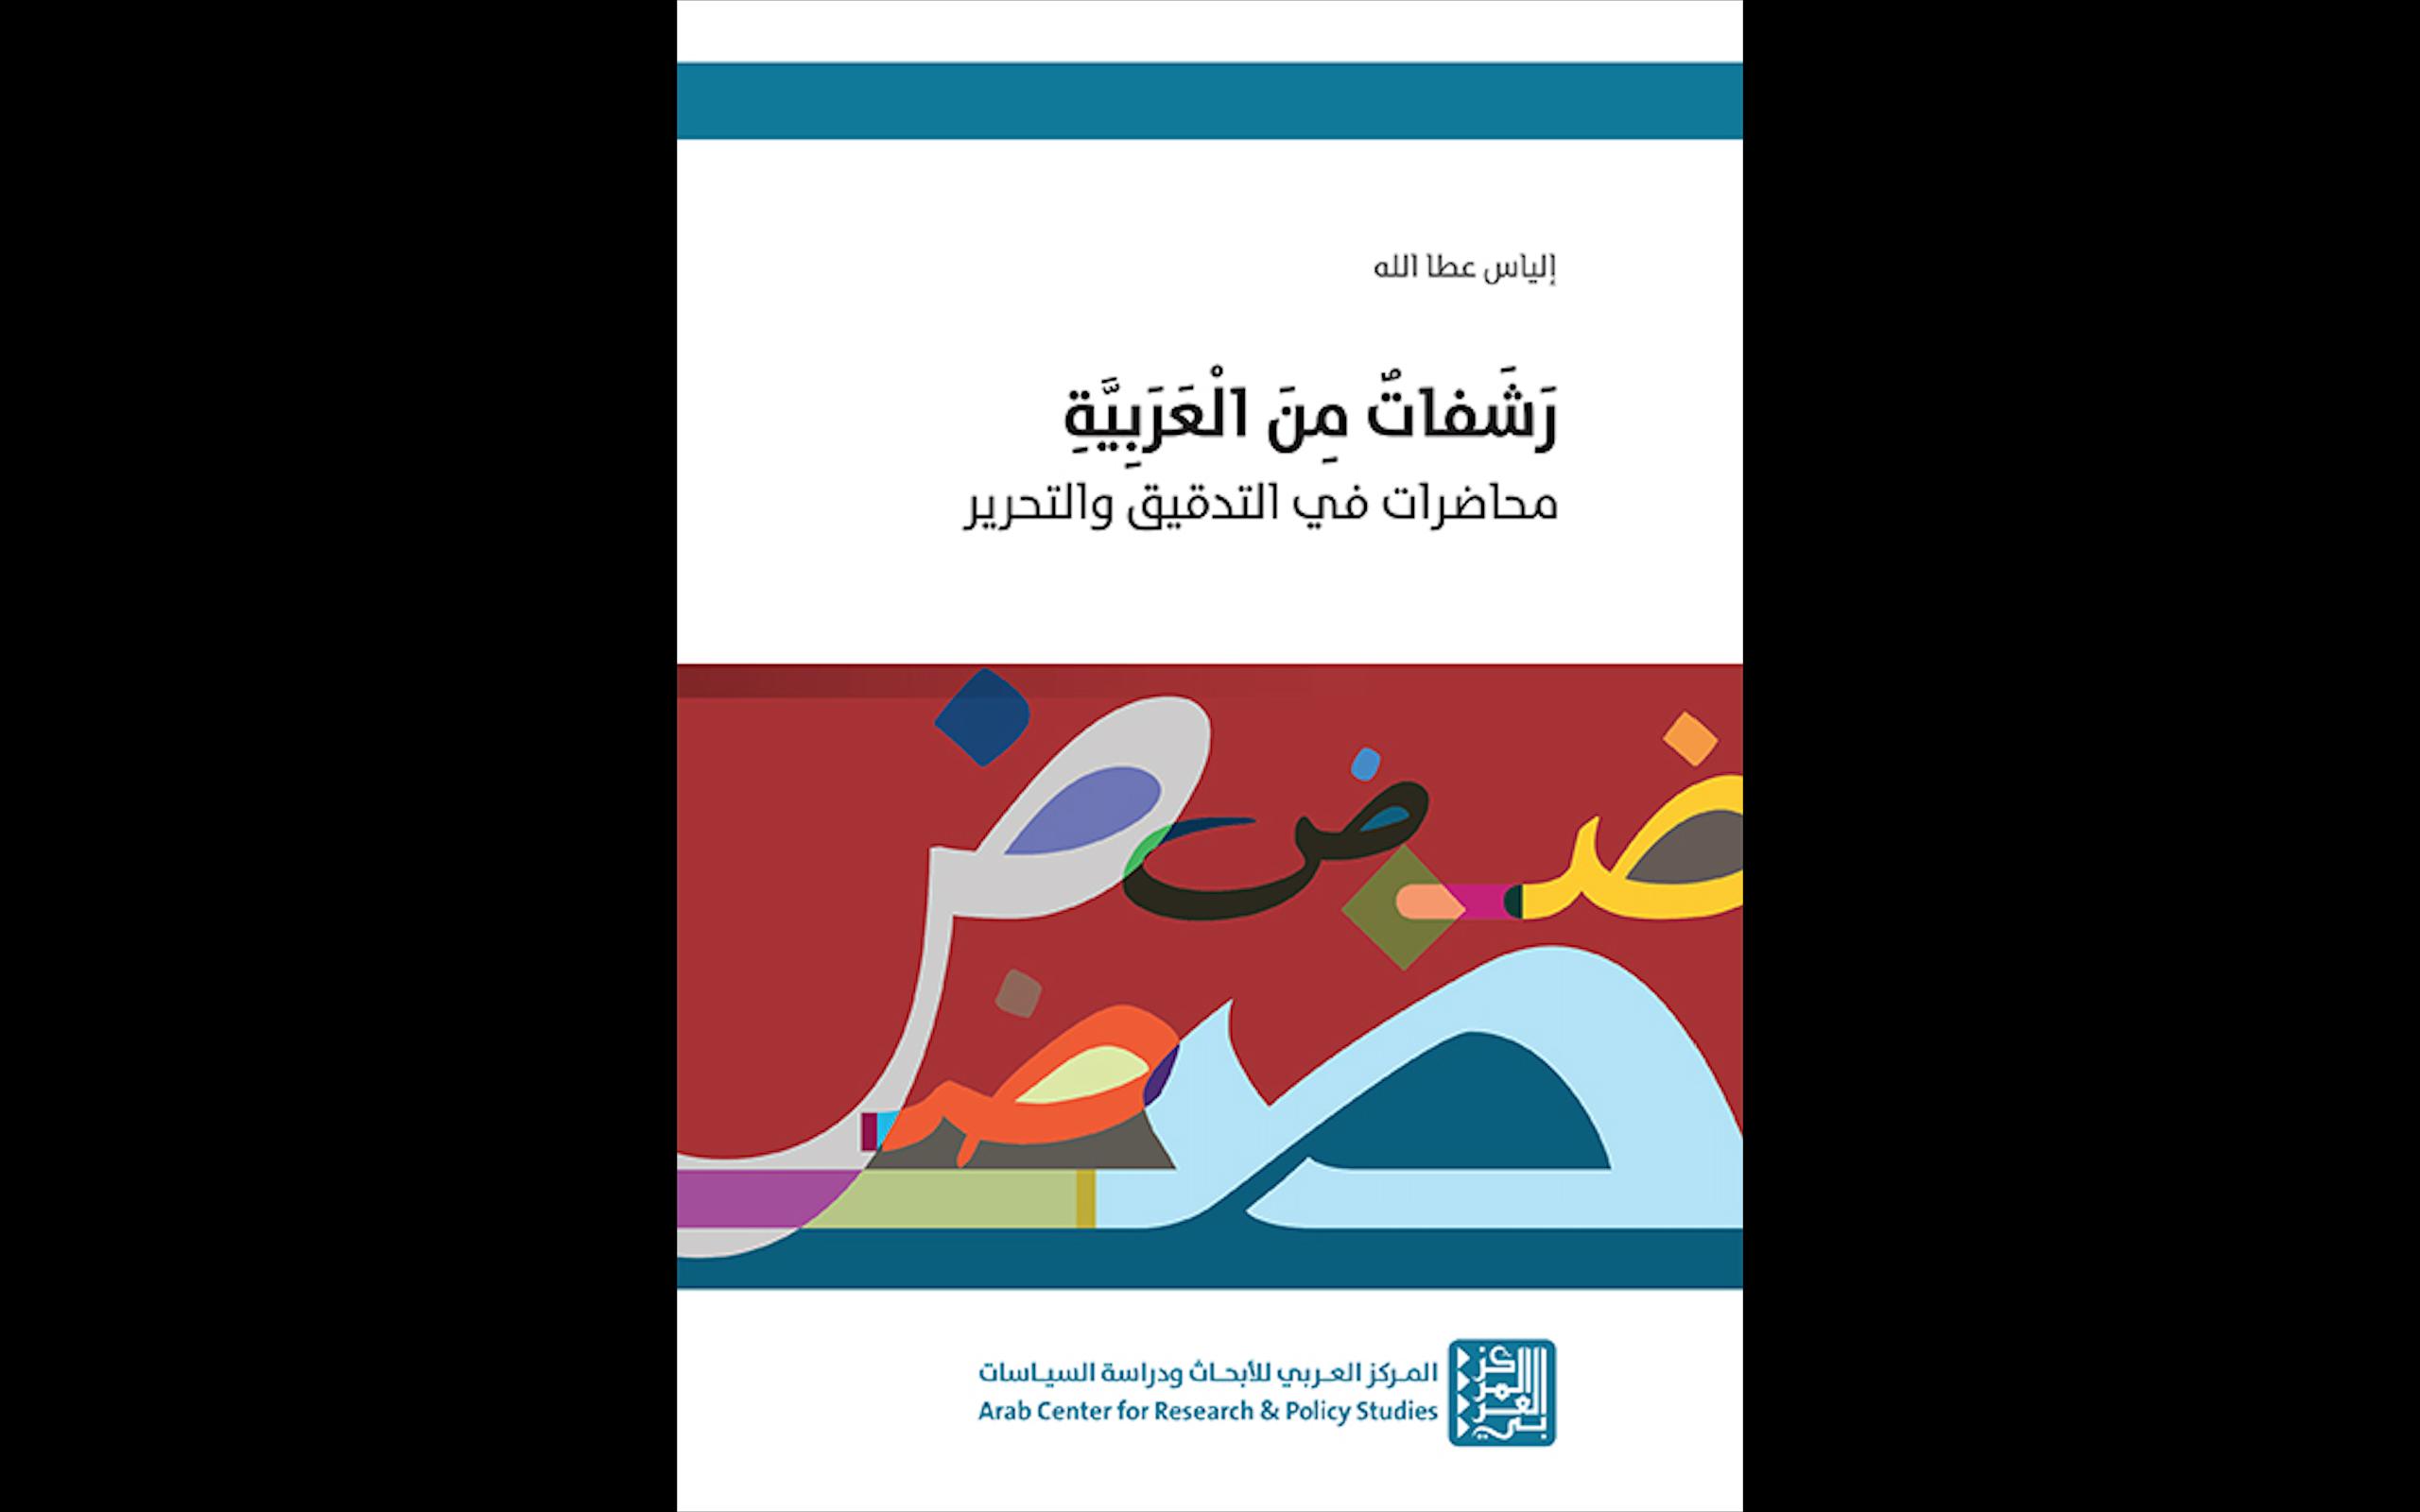 جديد: رشفاتٌ من العربيّة